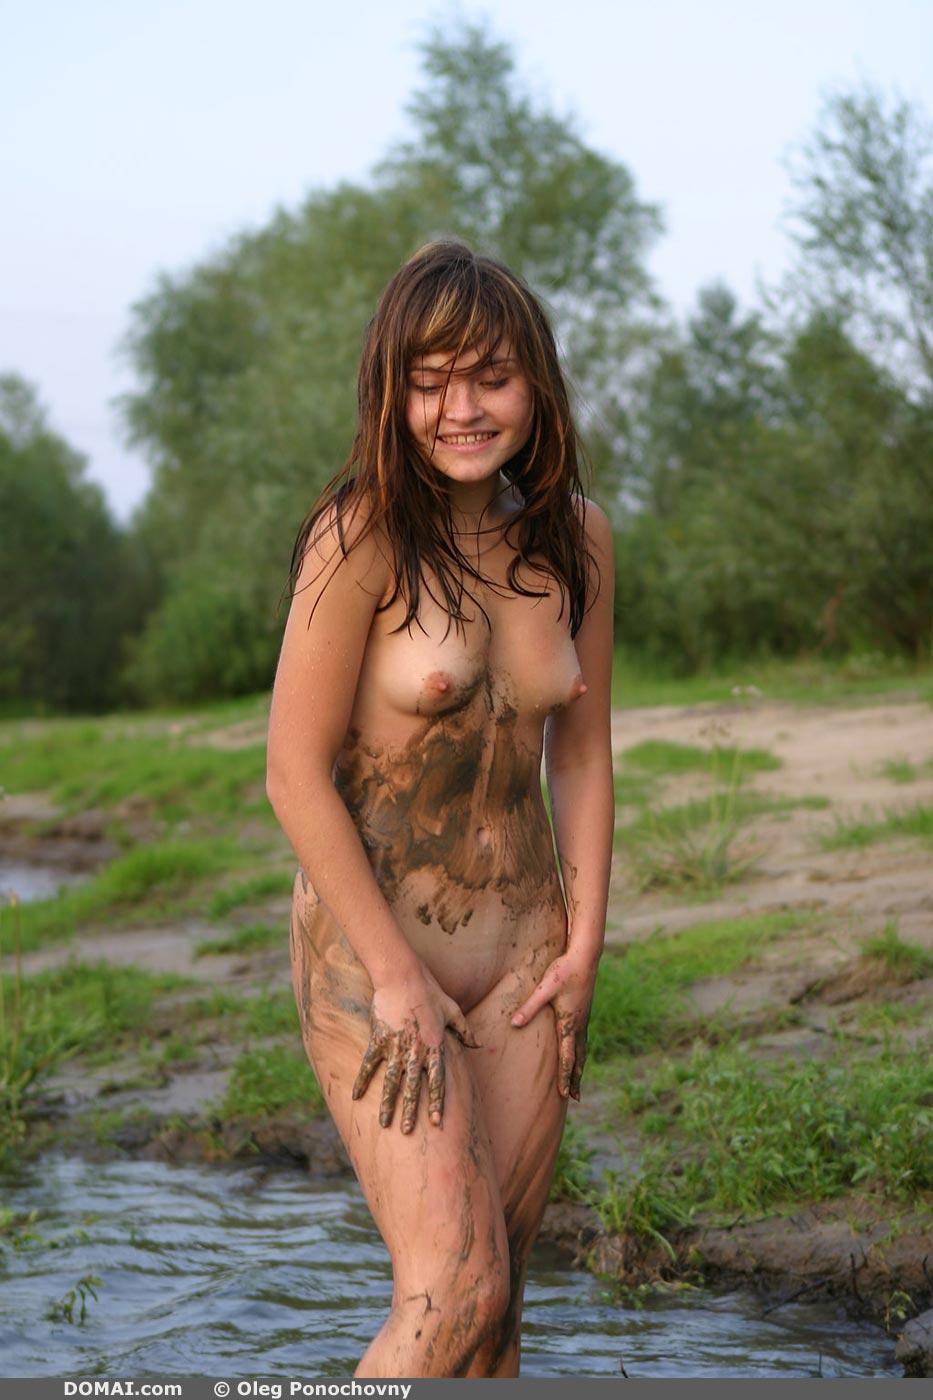 actres in croatia nude photos